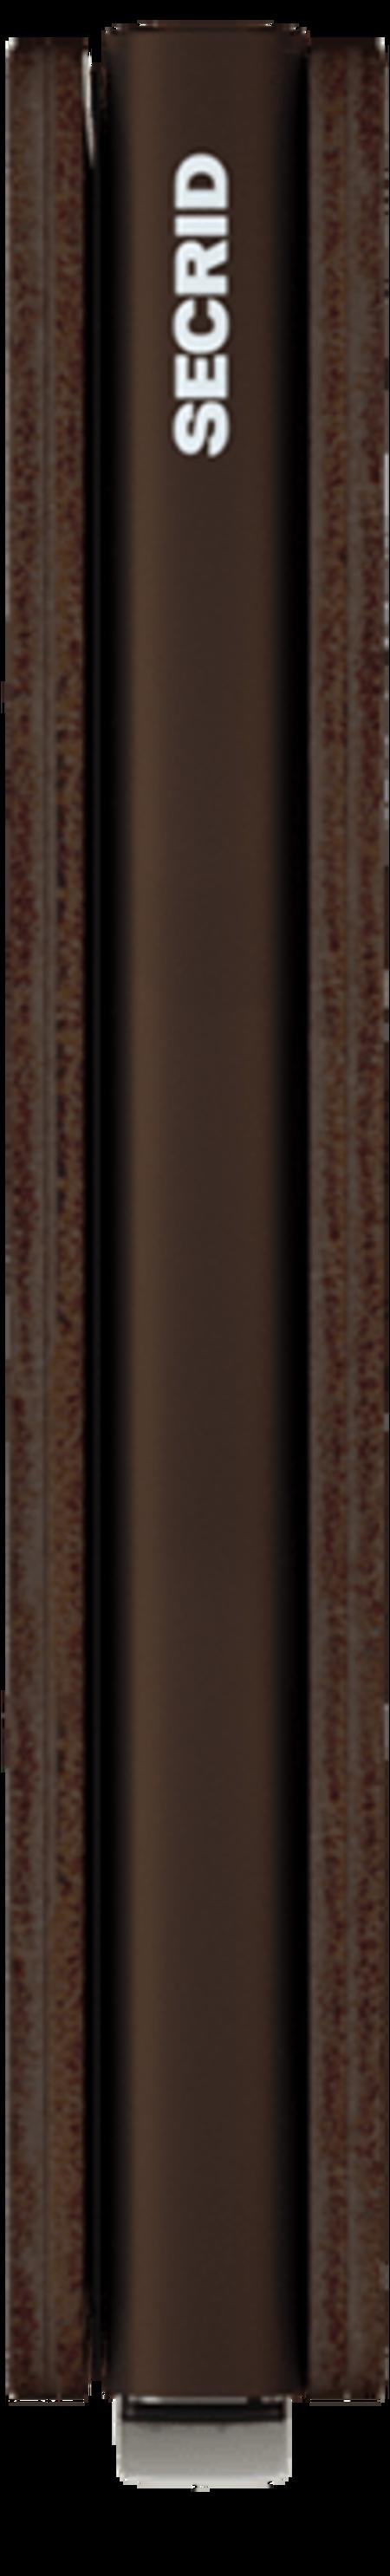 Secrid Slimwallet - Vintage Chocolate